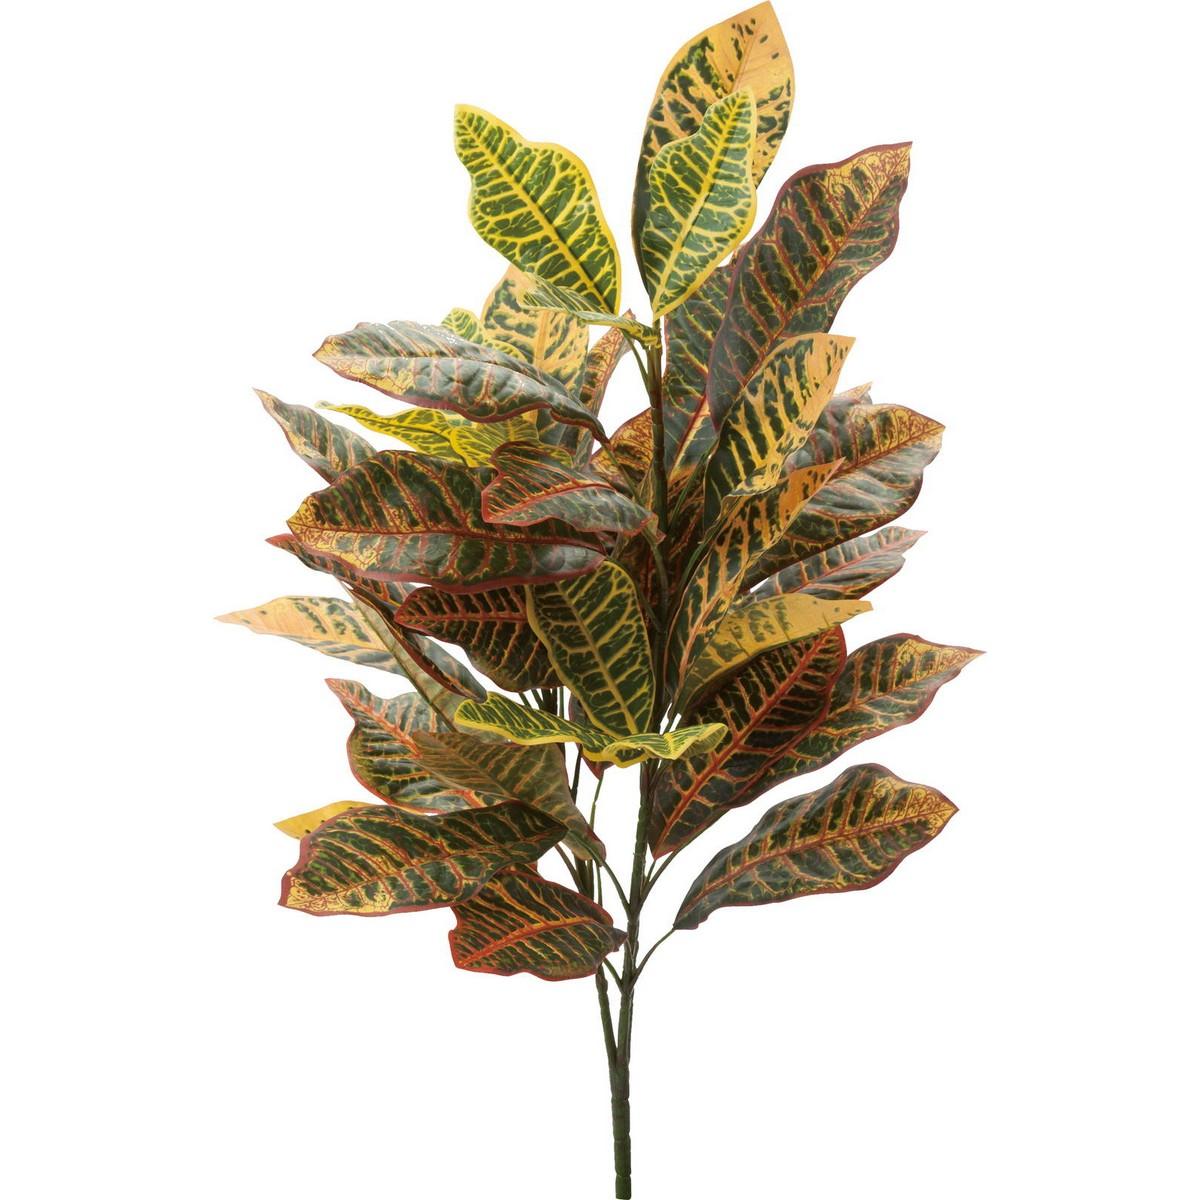 【造花】YDM/ビッグクロトンブッシュ イエローグリーン/GL-5180-Y/G【01】【01】【取寄】《 造花(アーティフィシャルフラワー) 造花葉物、フェイクグリーン その他の造花葉物・フェイクグリーン 》